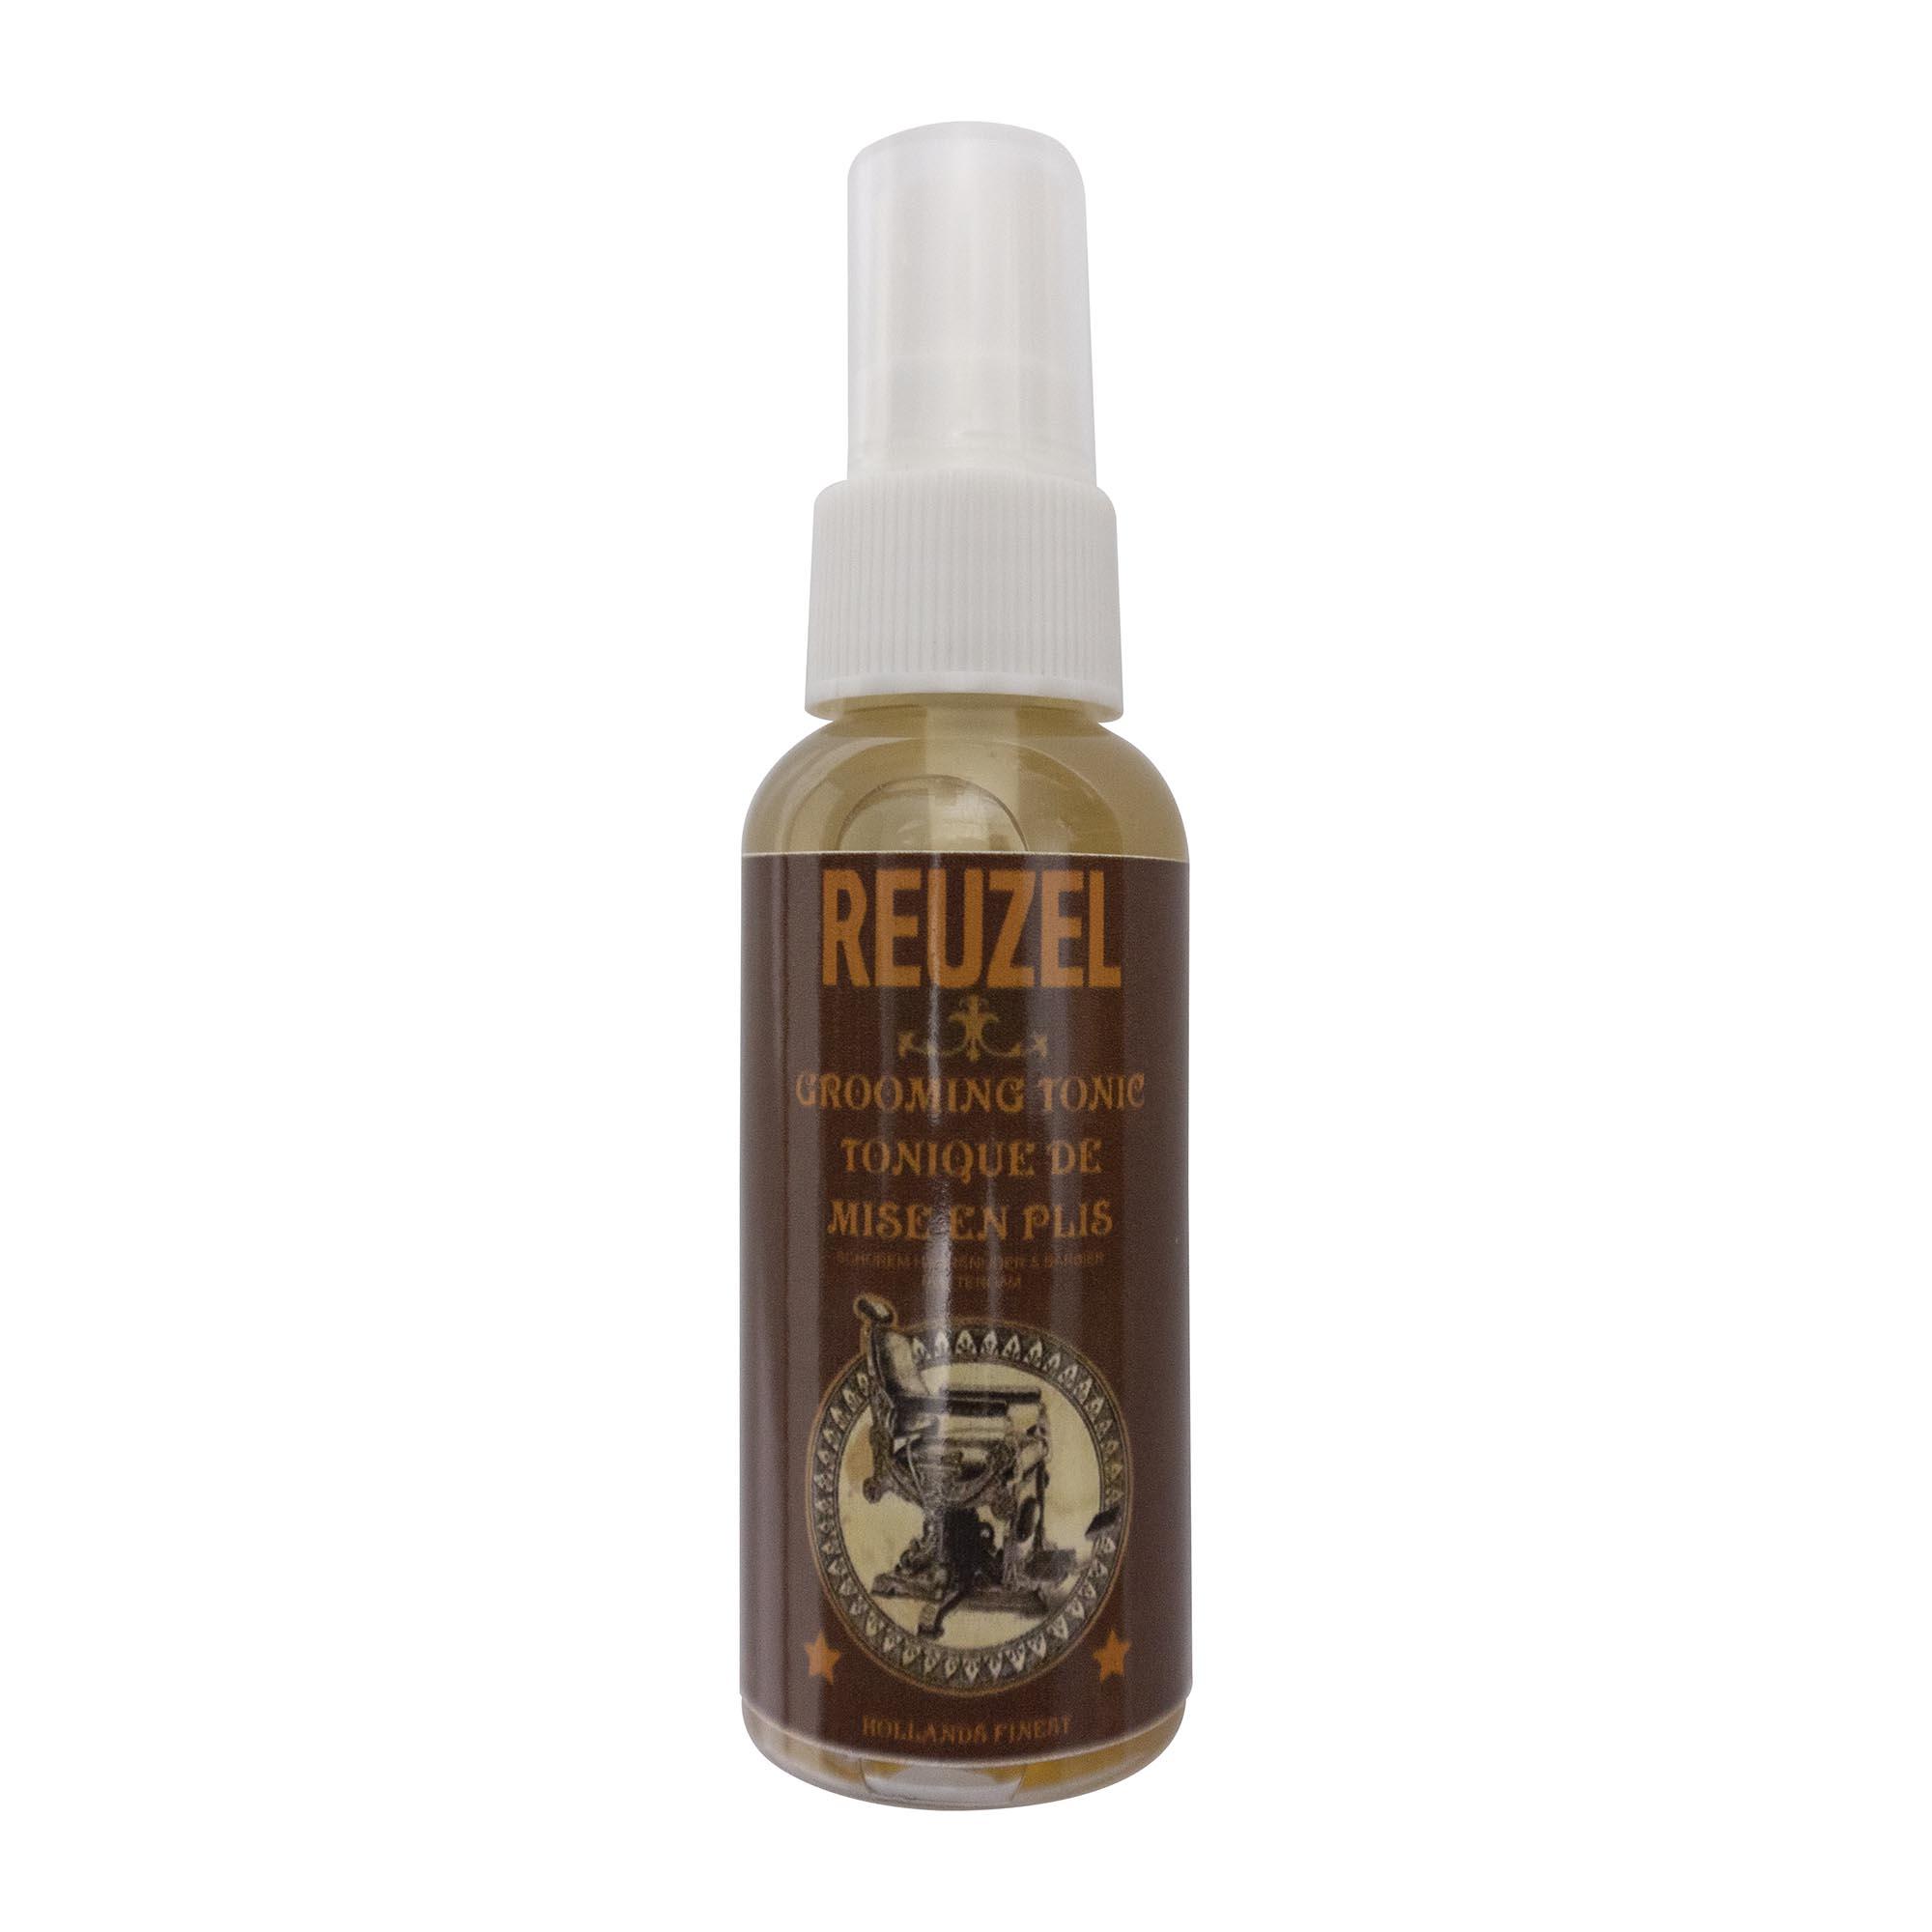 reuzel-grooming-tonic-50ml-01